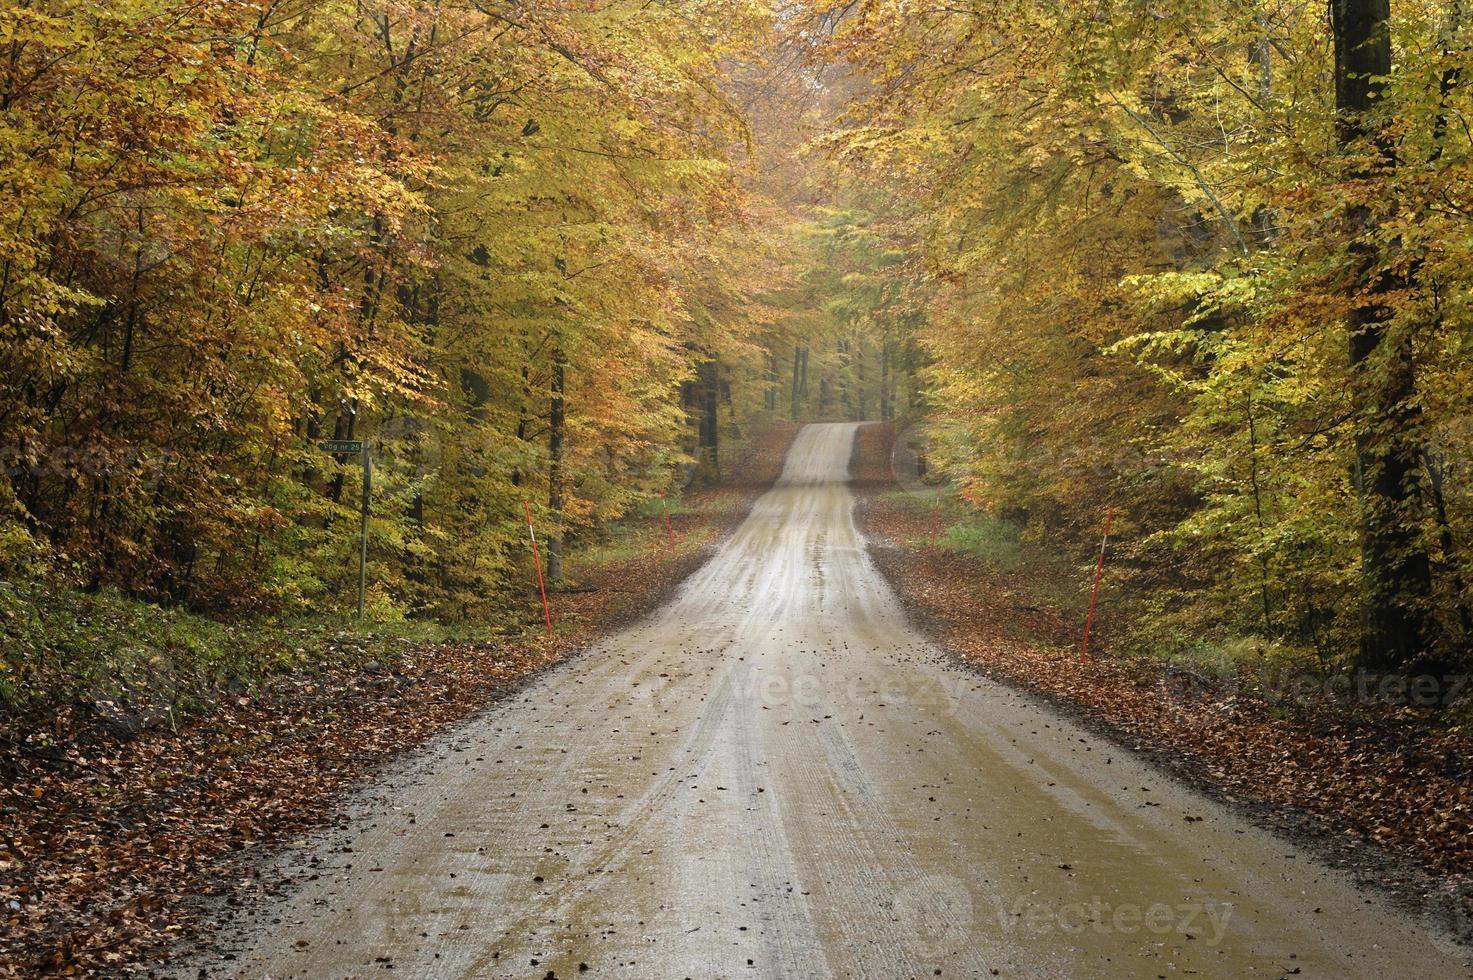 grusväg i en höst bokskog foto